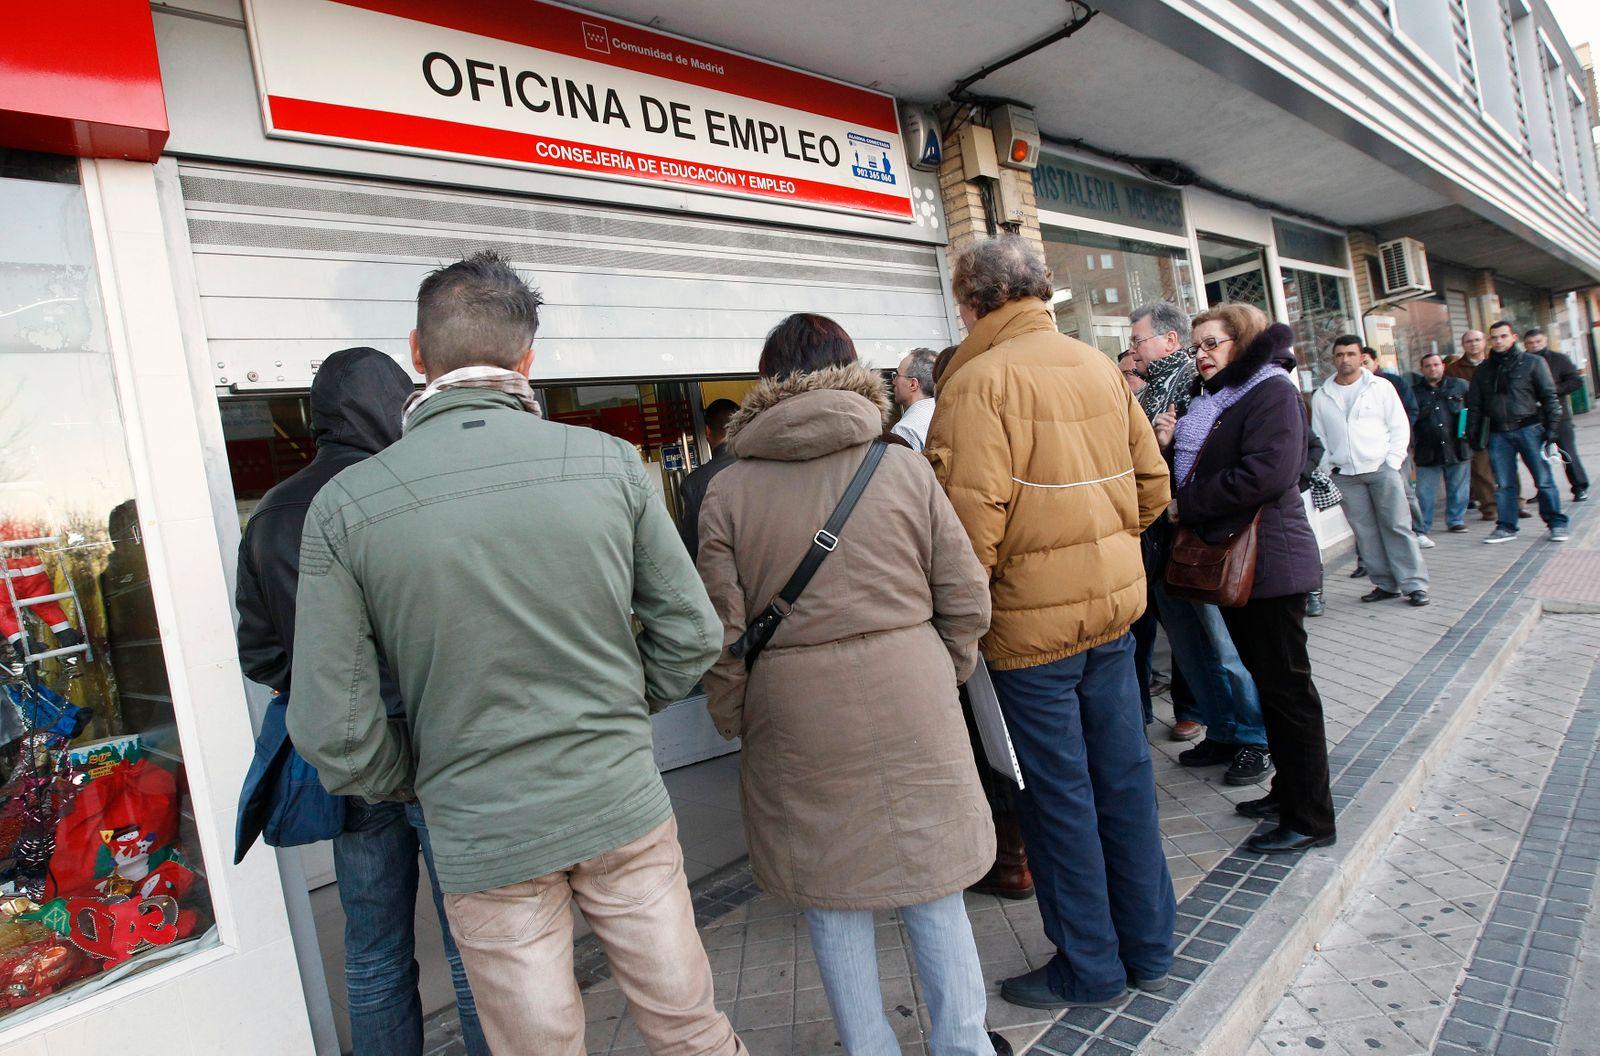 Spanien / Arbeitslose / Madrid